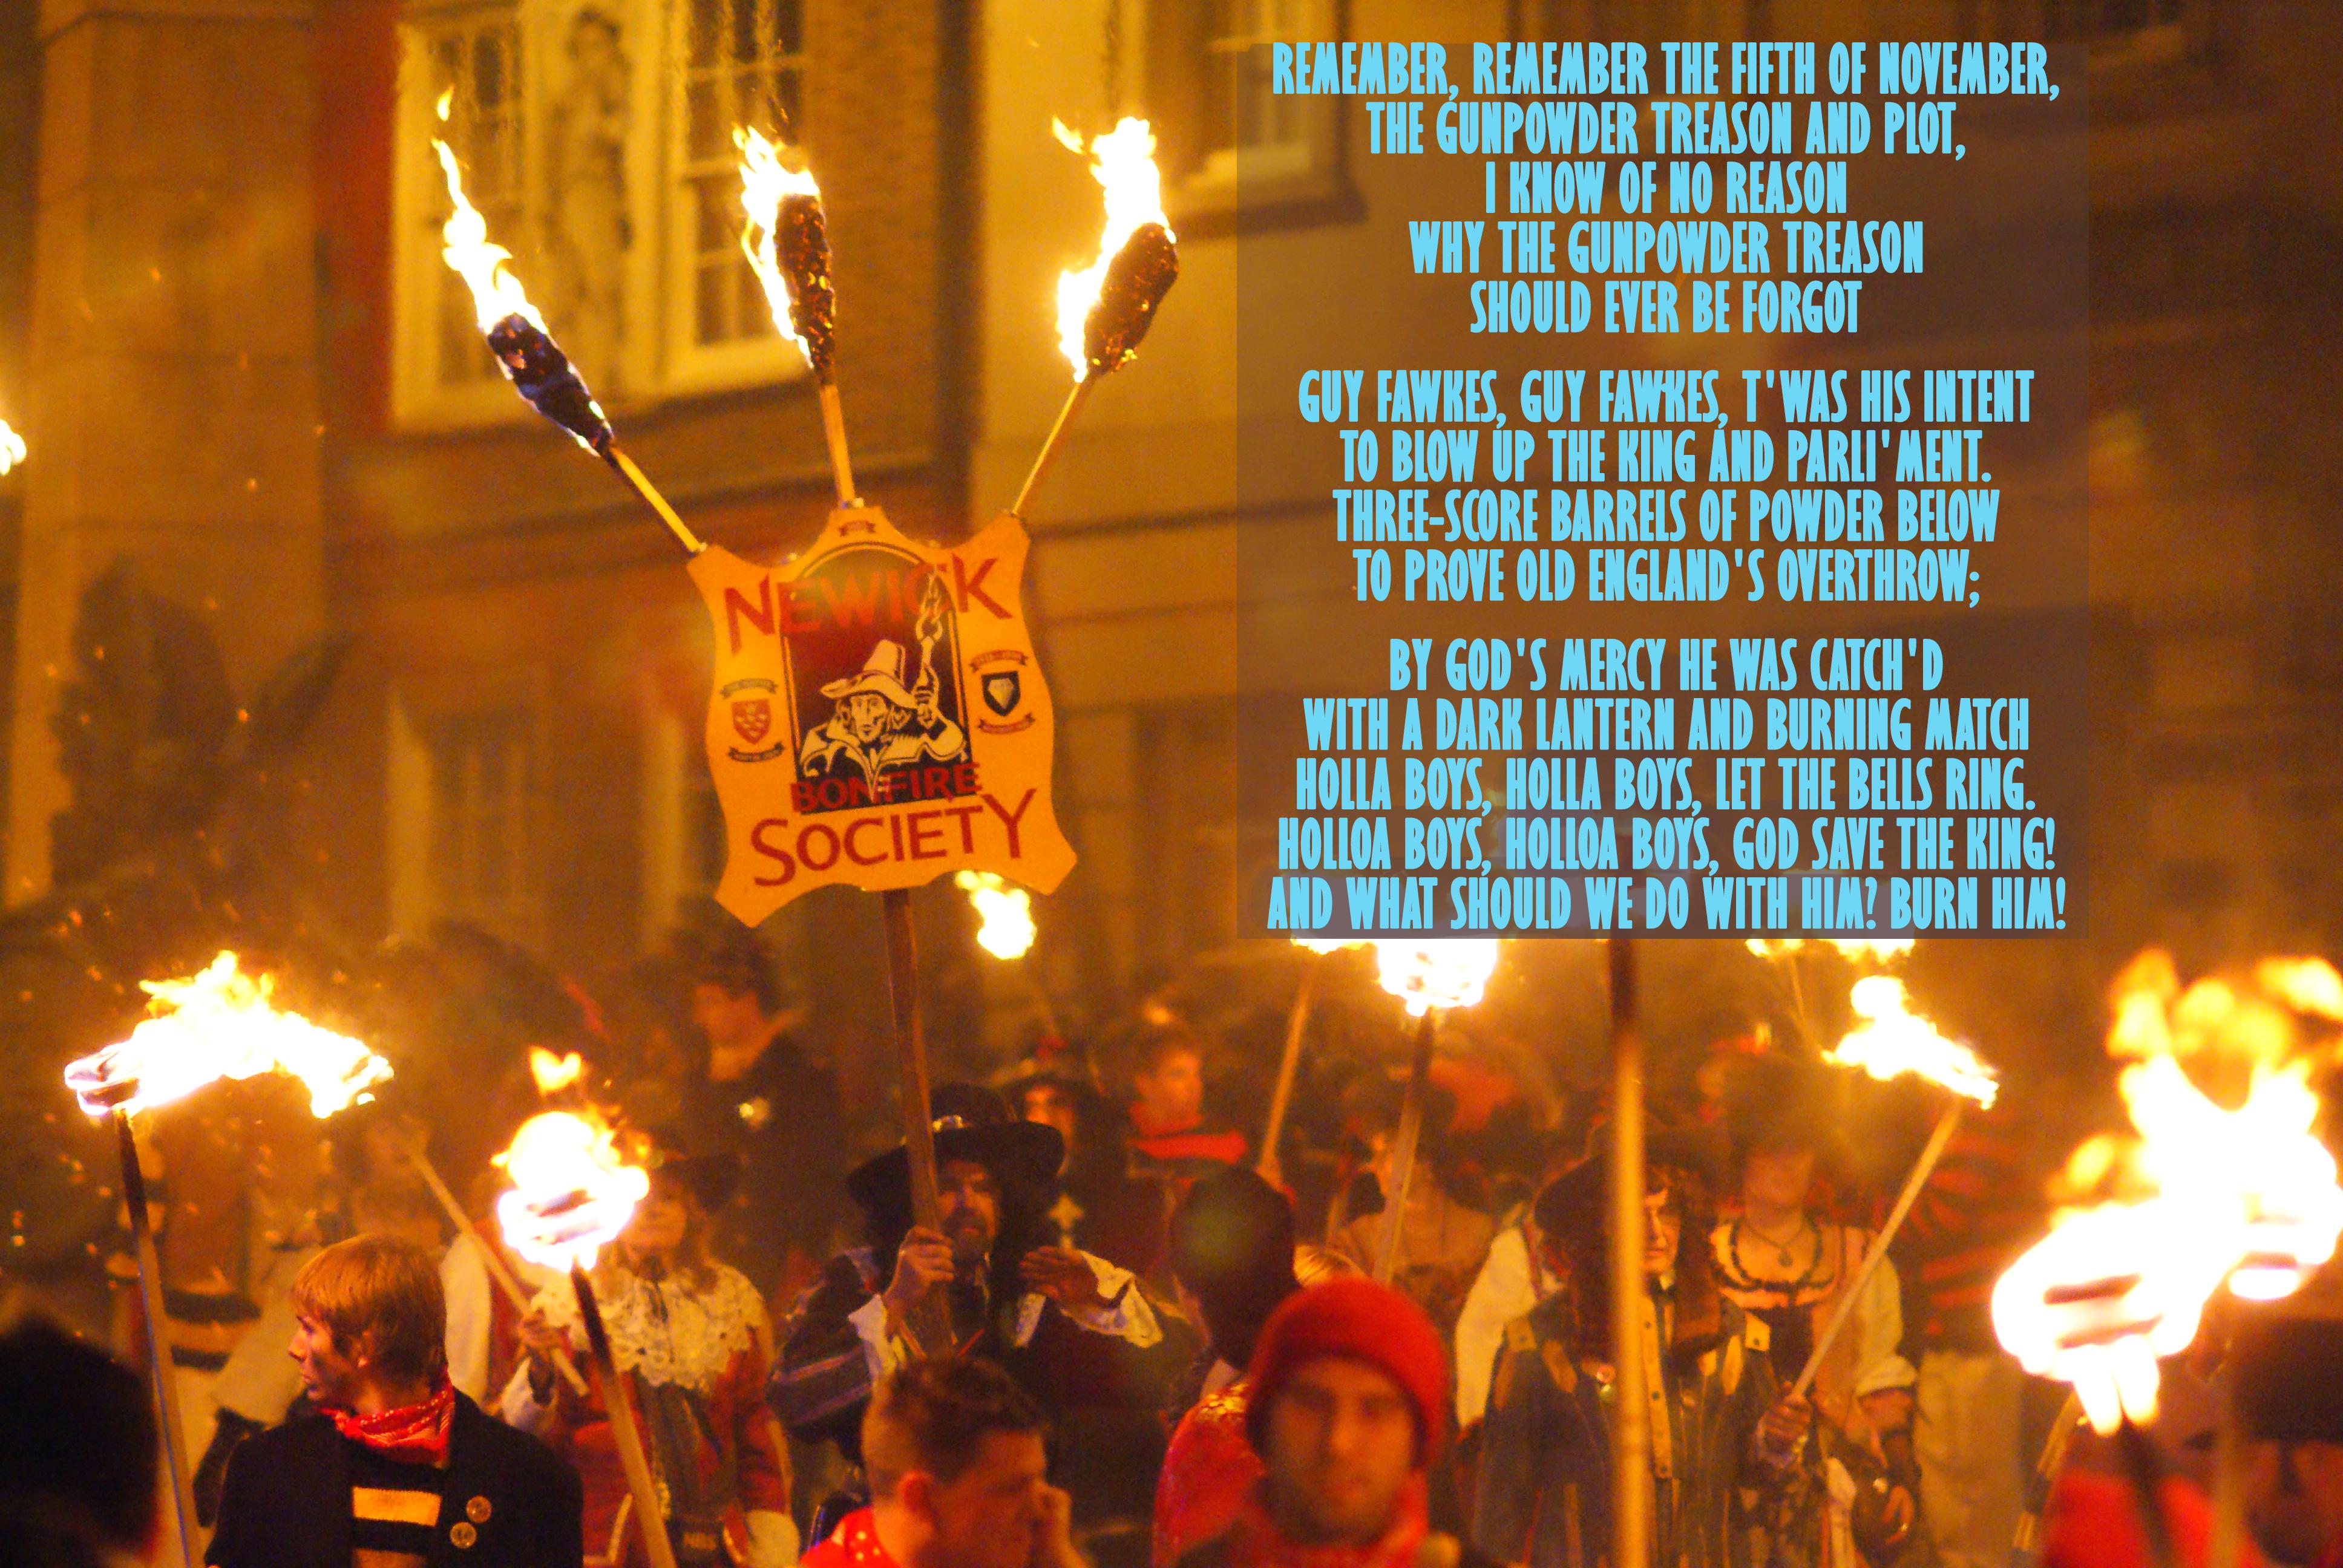 Peter Trimming, Lewes Guy Fawkes Night Celebrations, Wikimedia Commons, modificado por la Redacción de Tierra Adentro